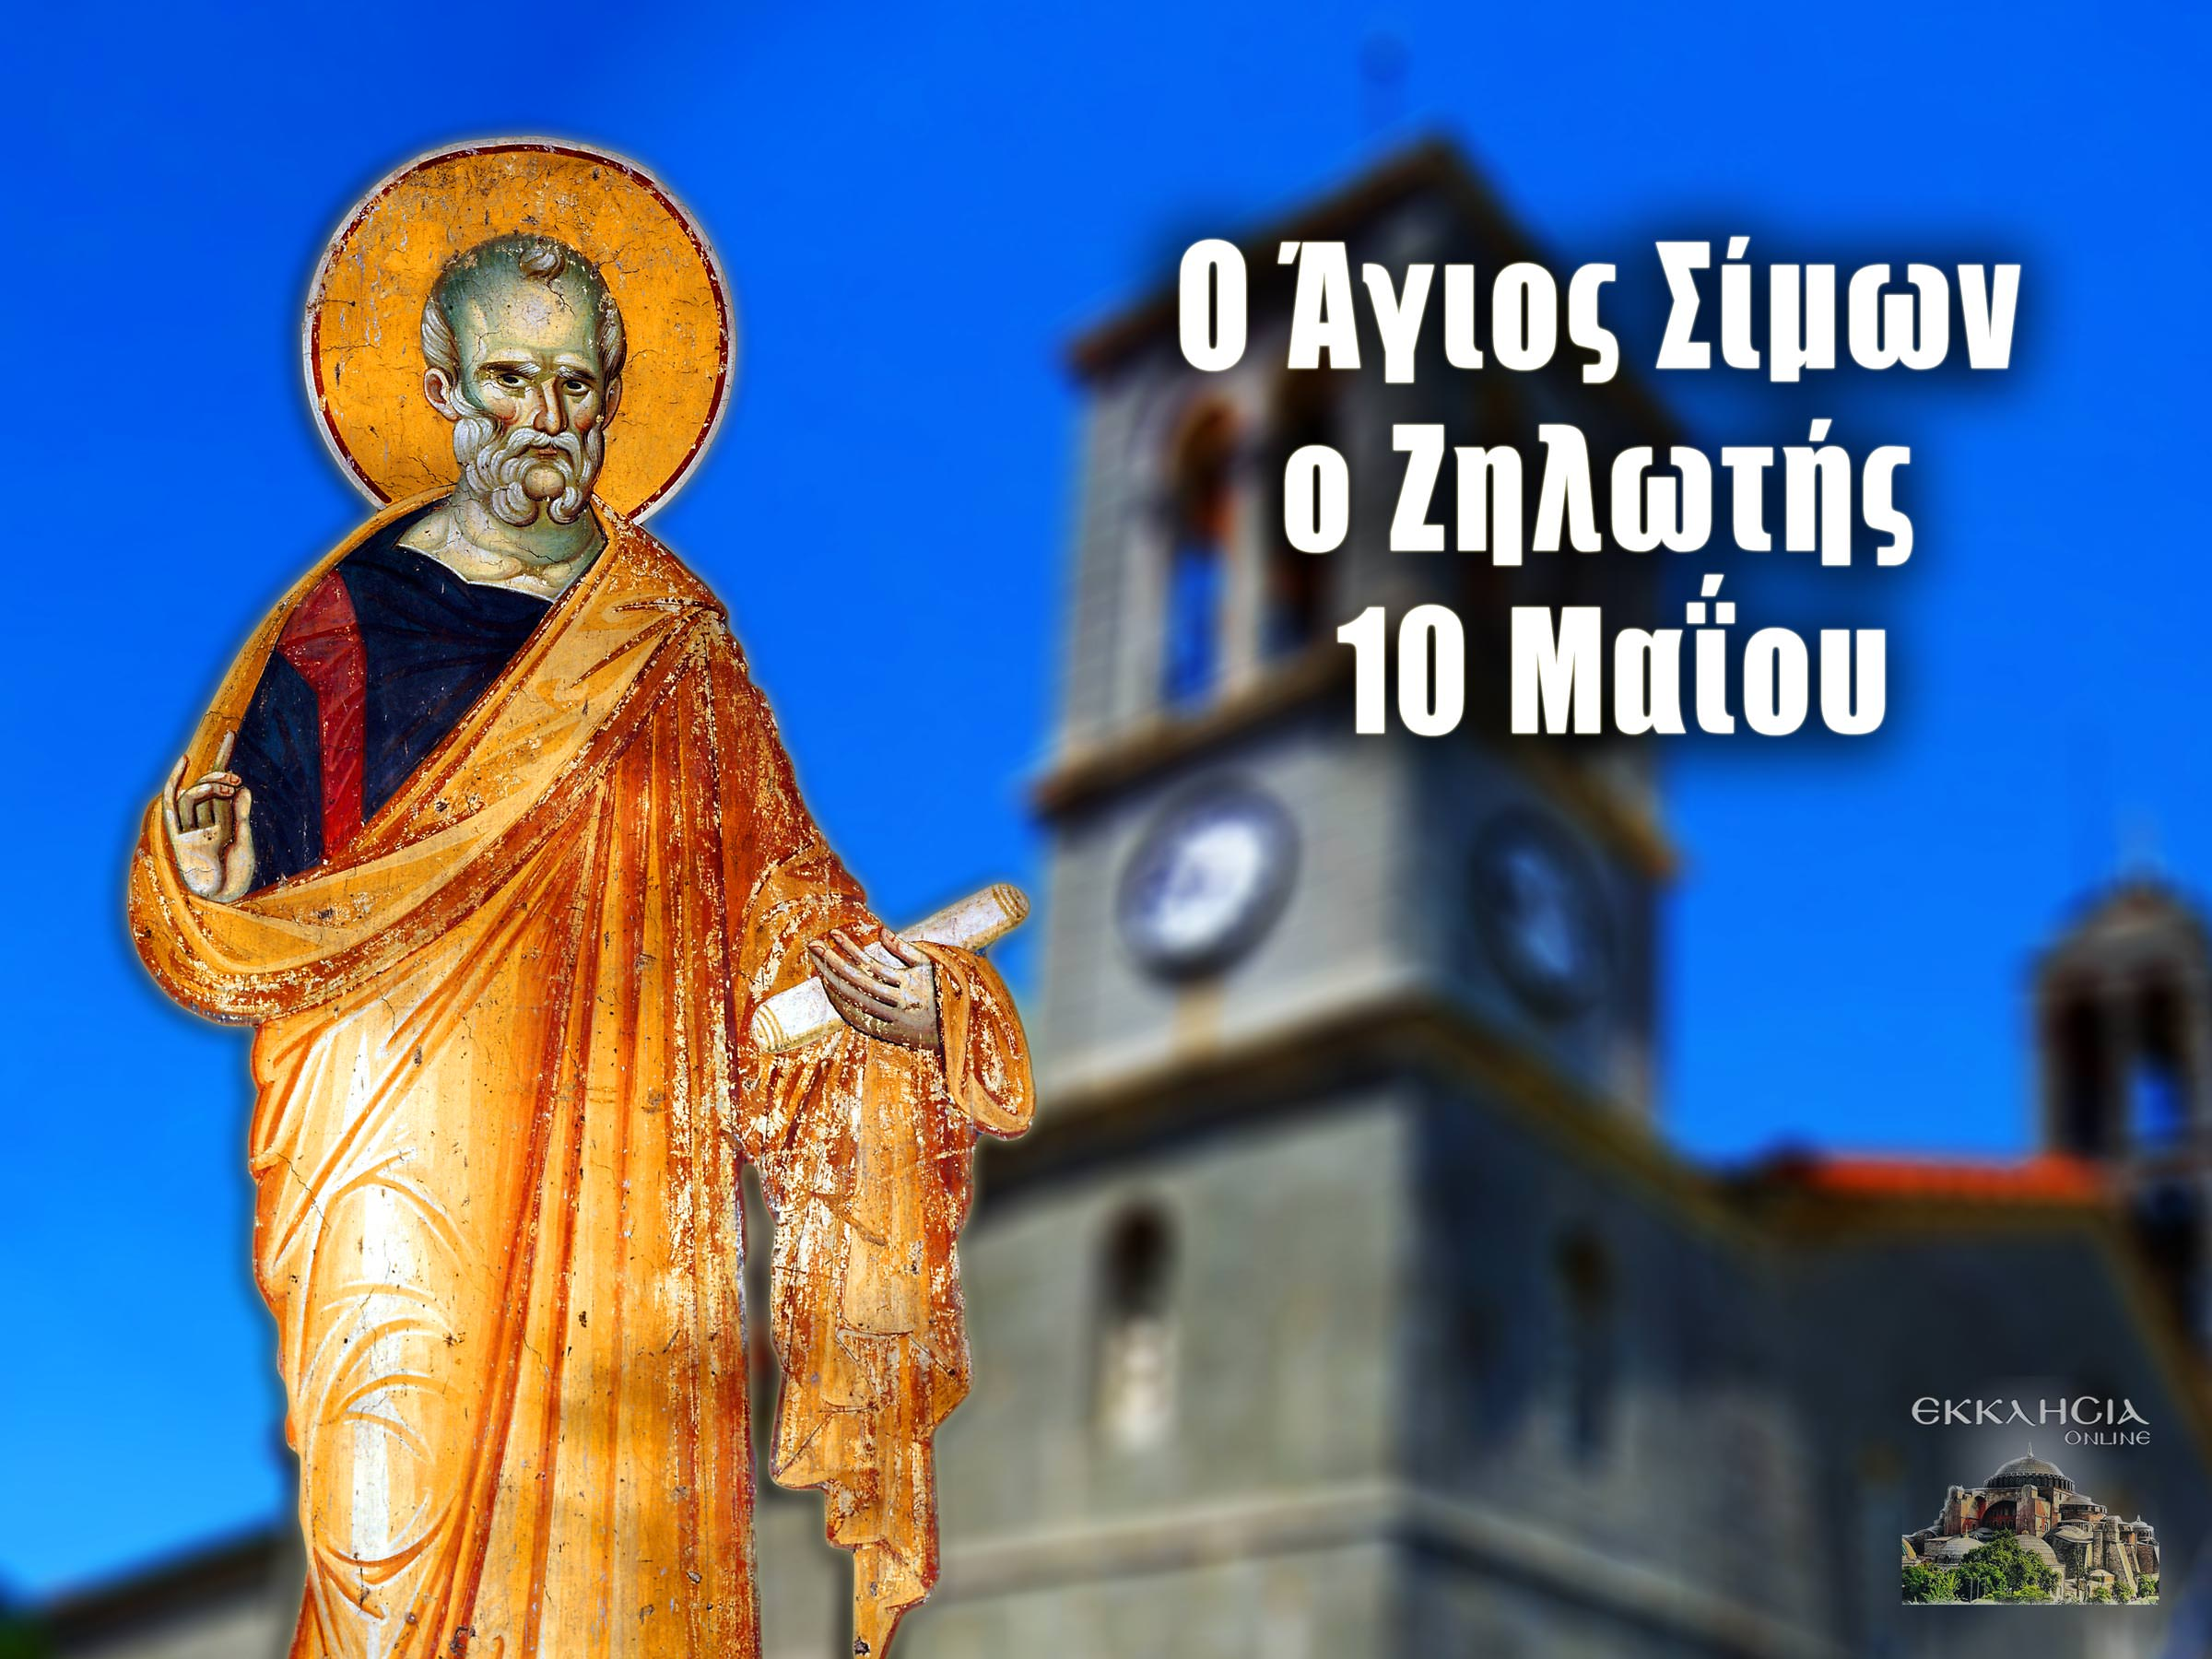 Άγιος Σίμωνας 10 Μαΐου